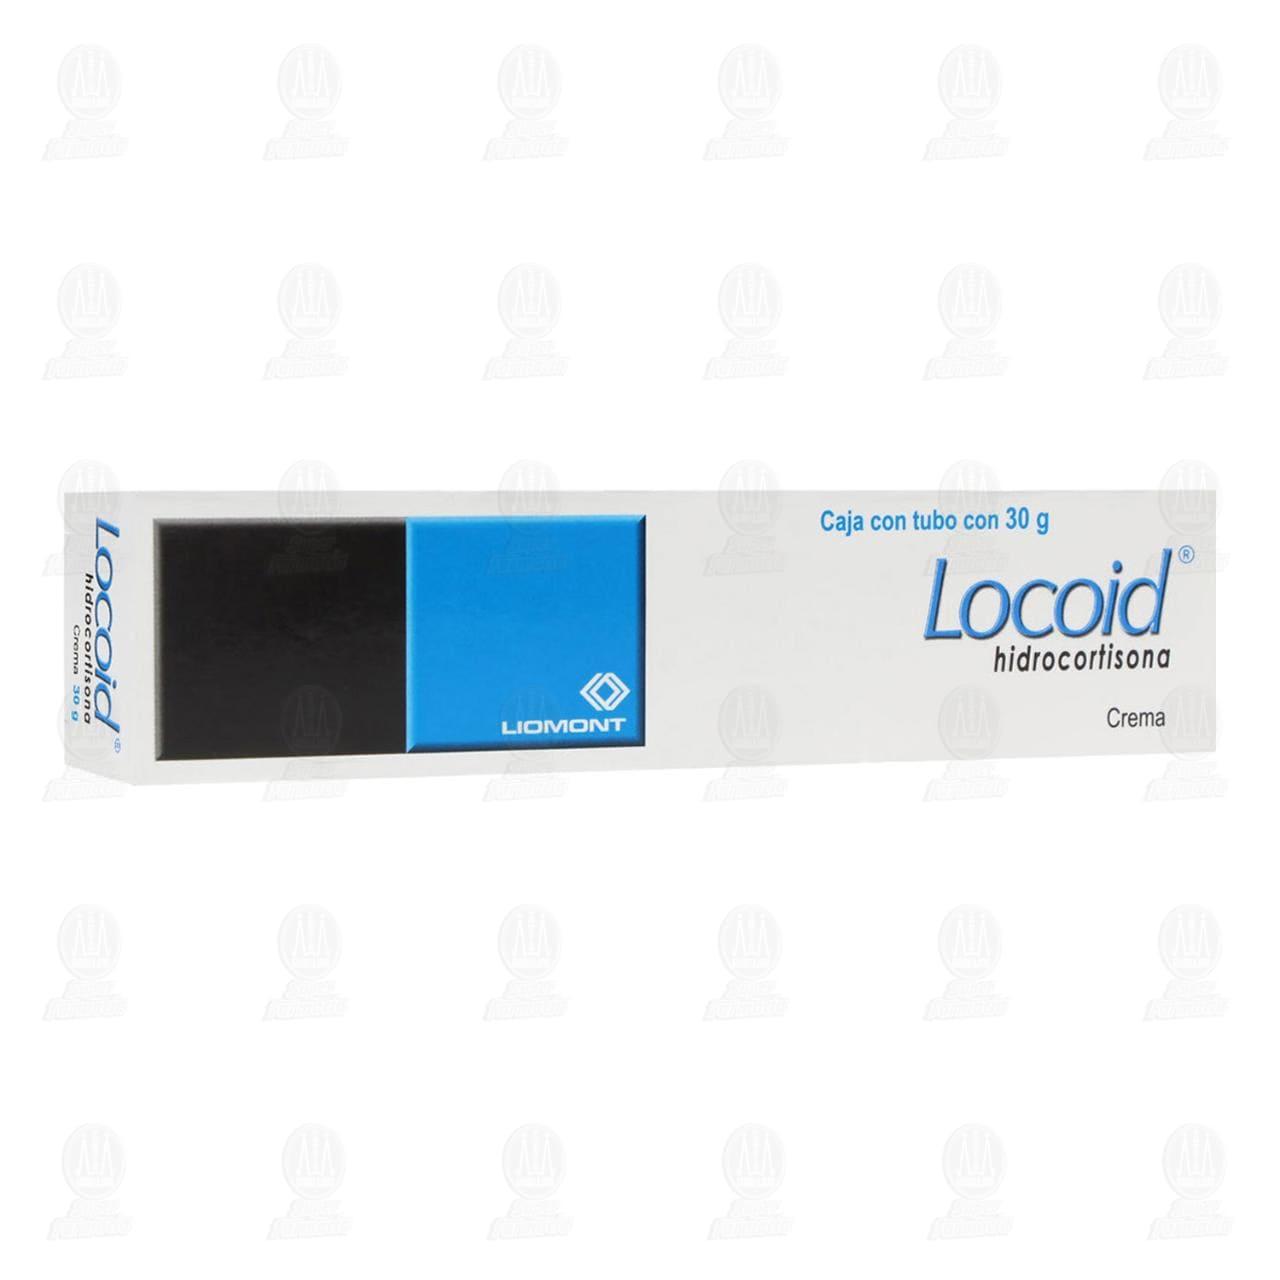 Comprar Locoid 30gr Crema en Farmacias Guadalajara